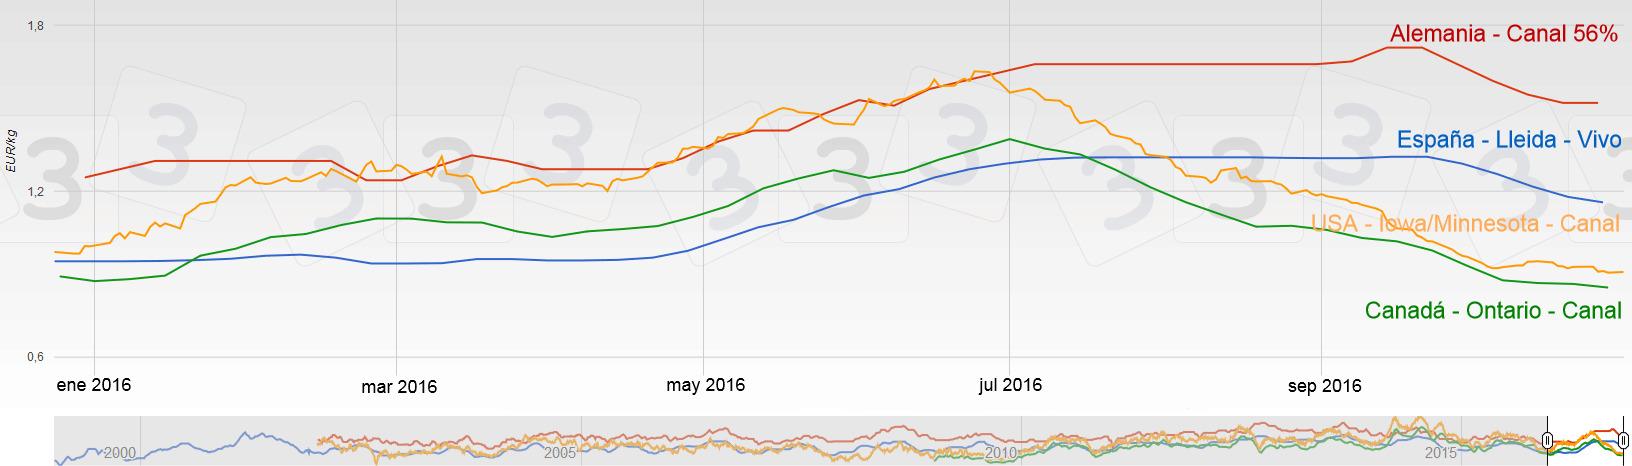 Los precios del cerdo en EEUU y Canadá son mucho más bajos que los europeos